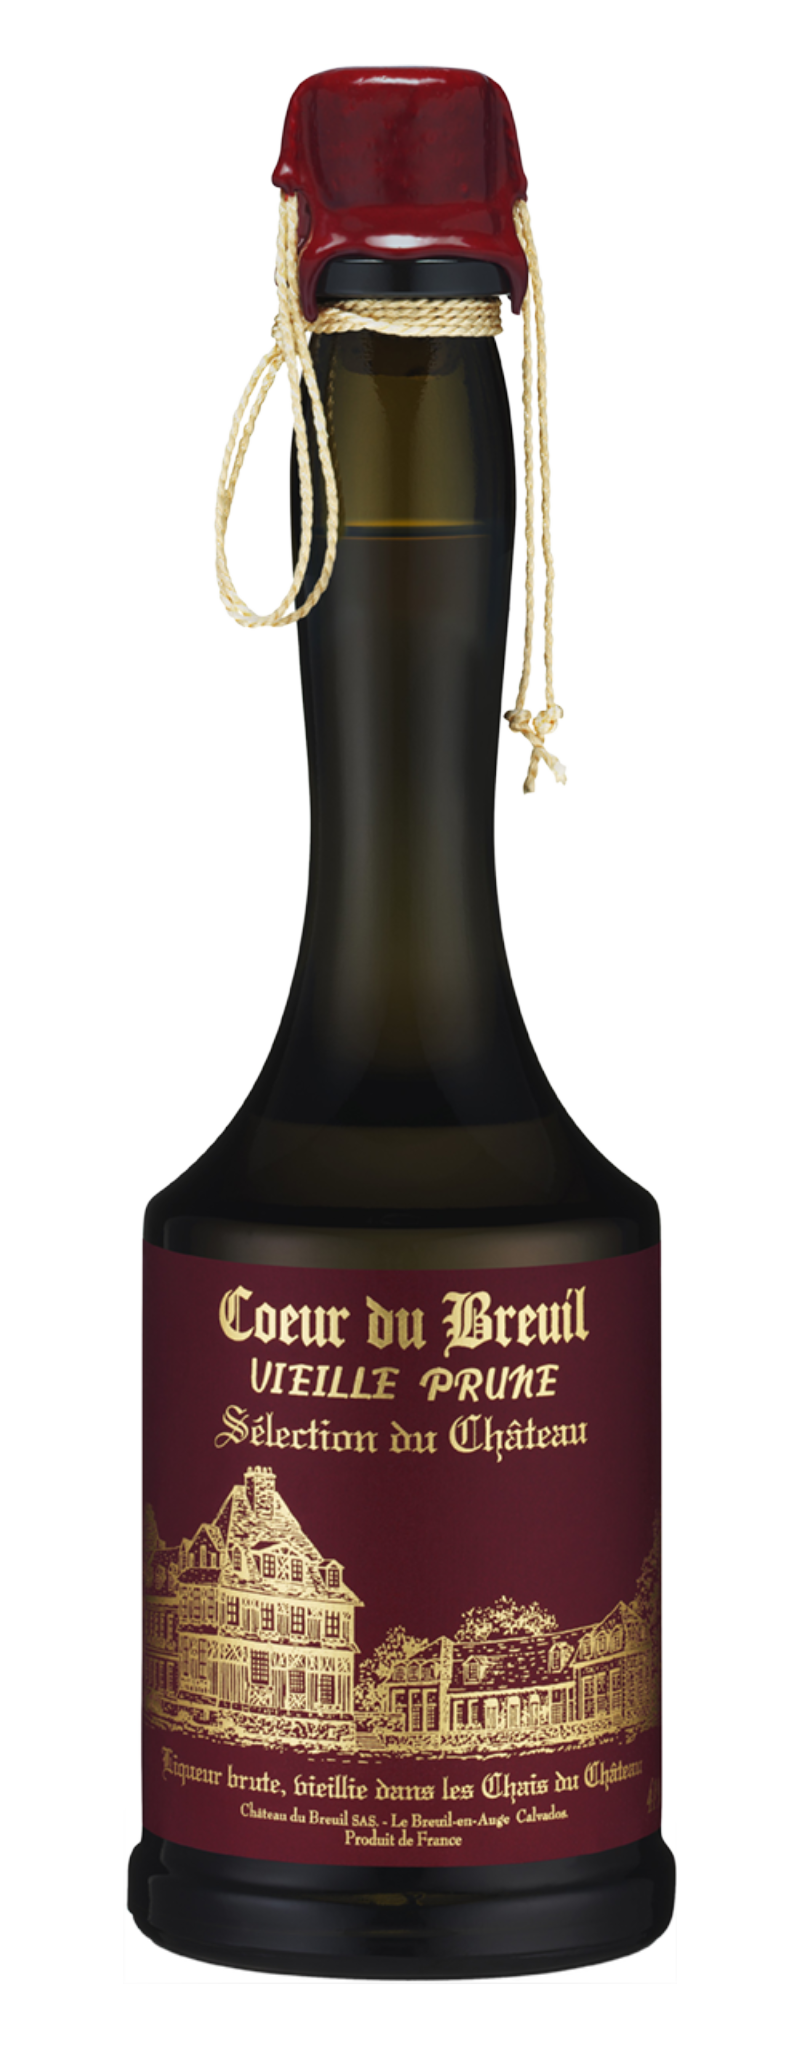 Coeur du Breuil, VIEILLE PRUNE Selection du Chateau  - 2L